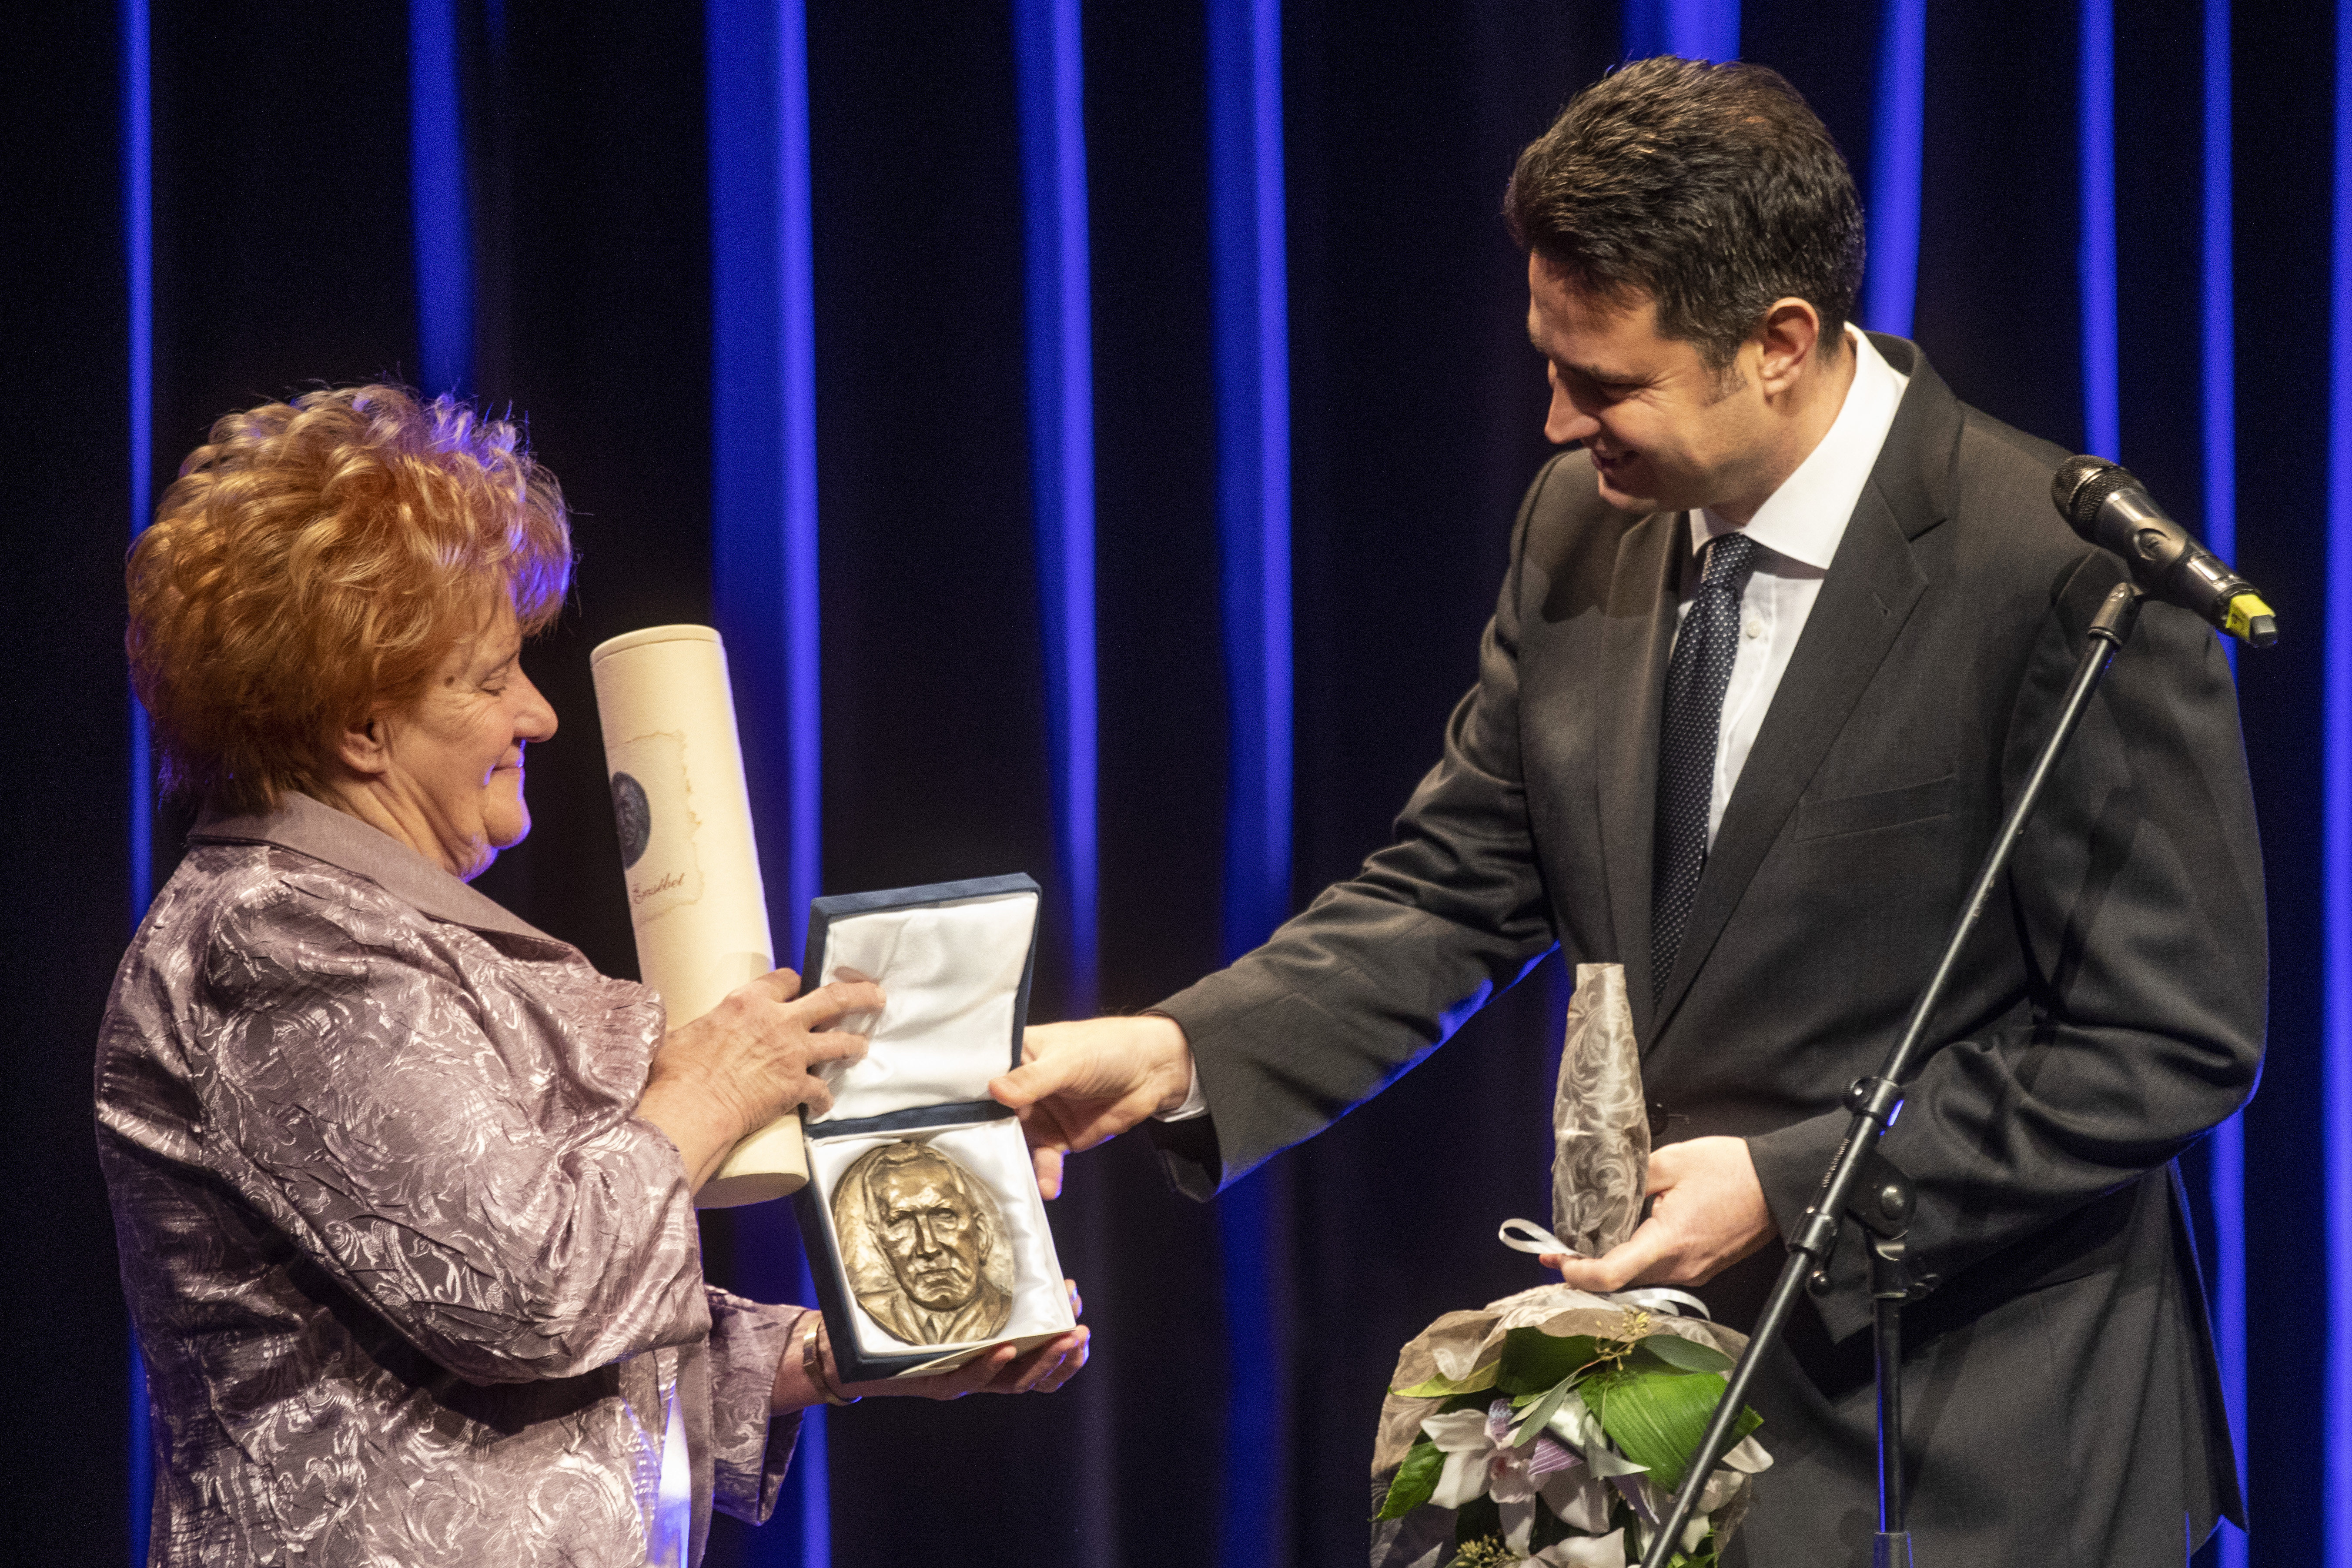 Botrány a díjátadón: Bessenyei Ferenc özvegye az ünnepségen keményen beszólt Márki-Zay Péternek és visszavonta a férjéről elnevezett díj nevét